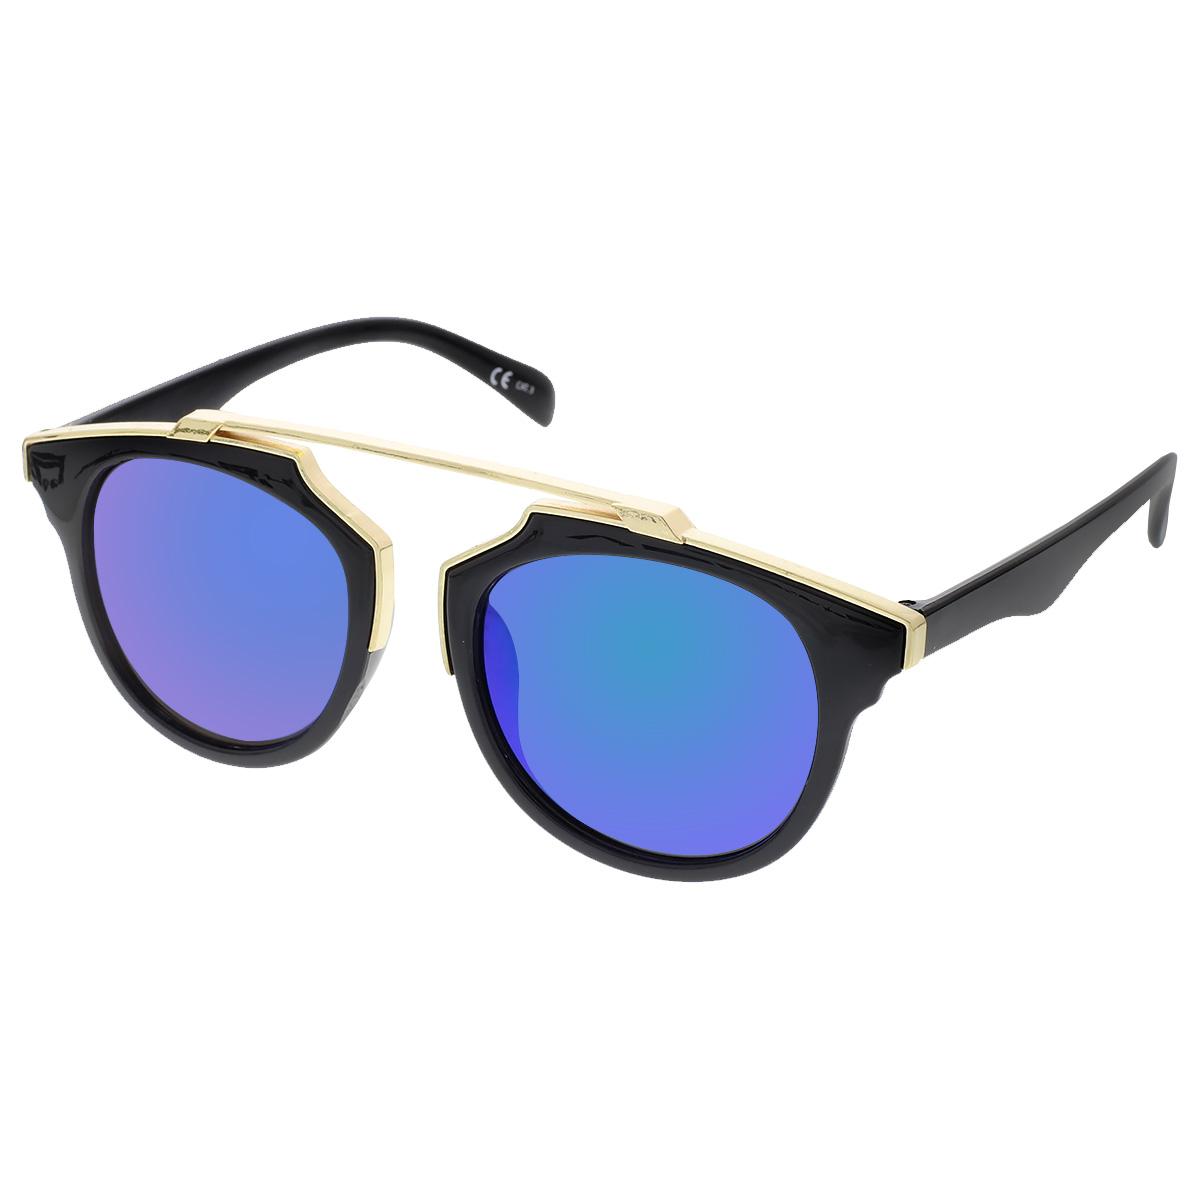 Sluneční brýle Weight černé obroučky zelená skla.